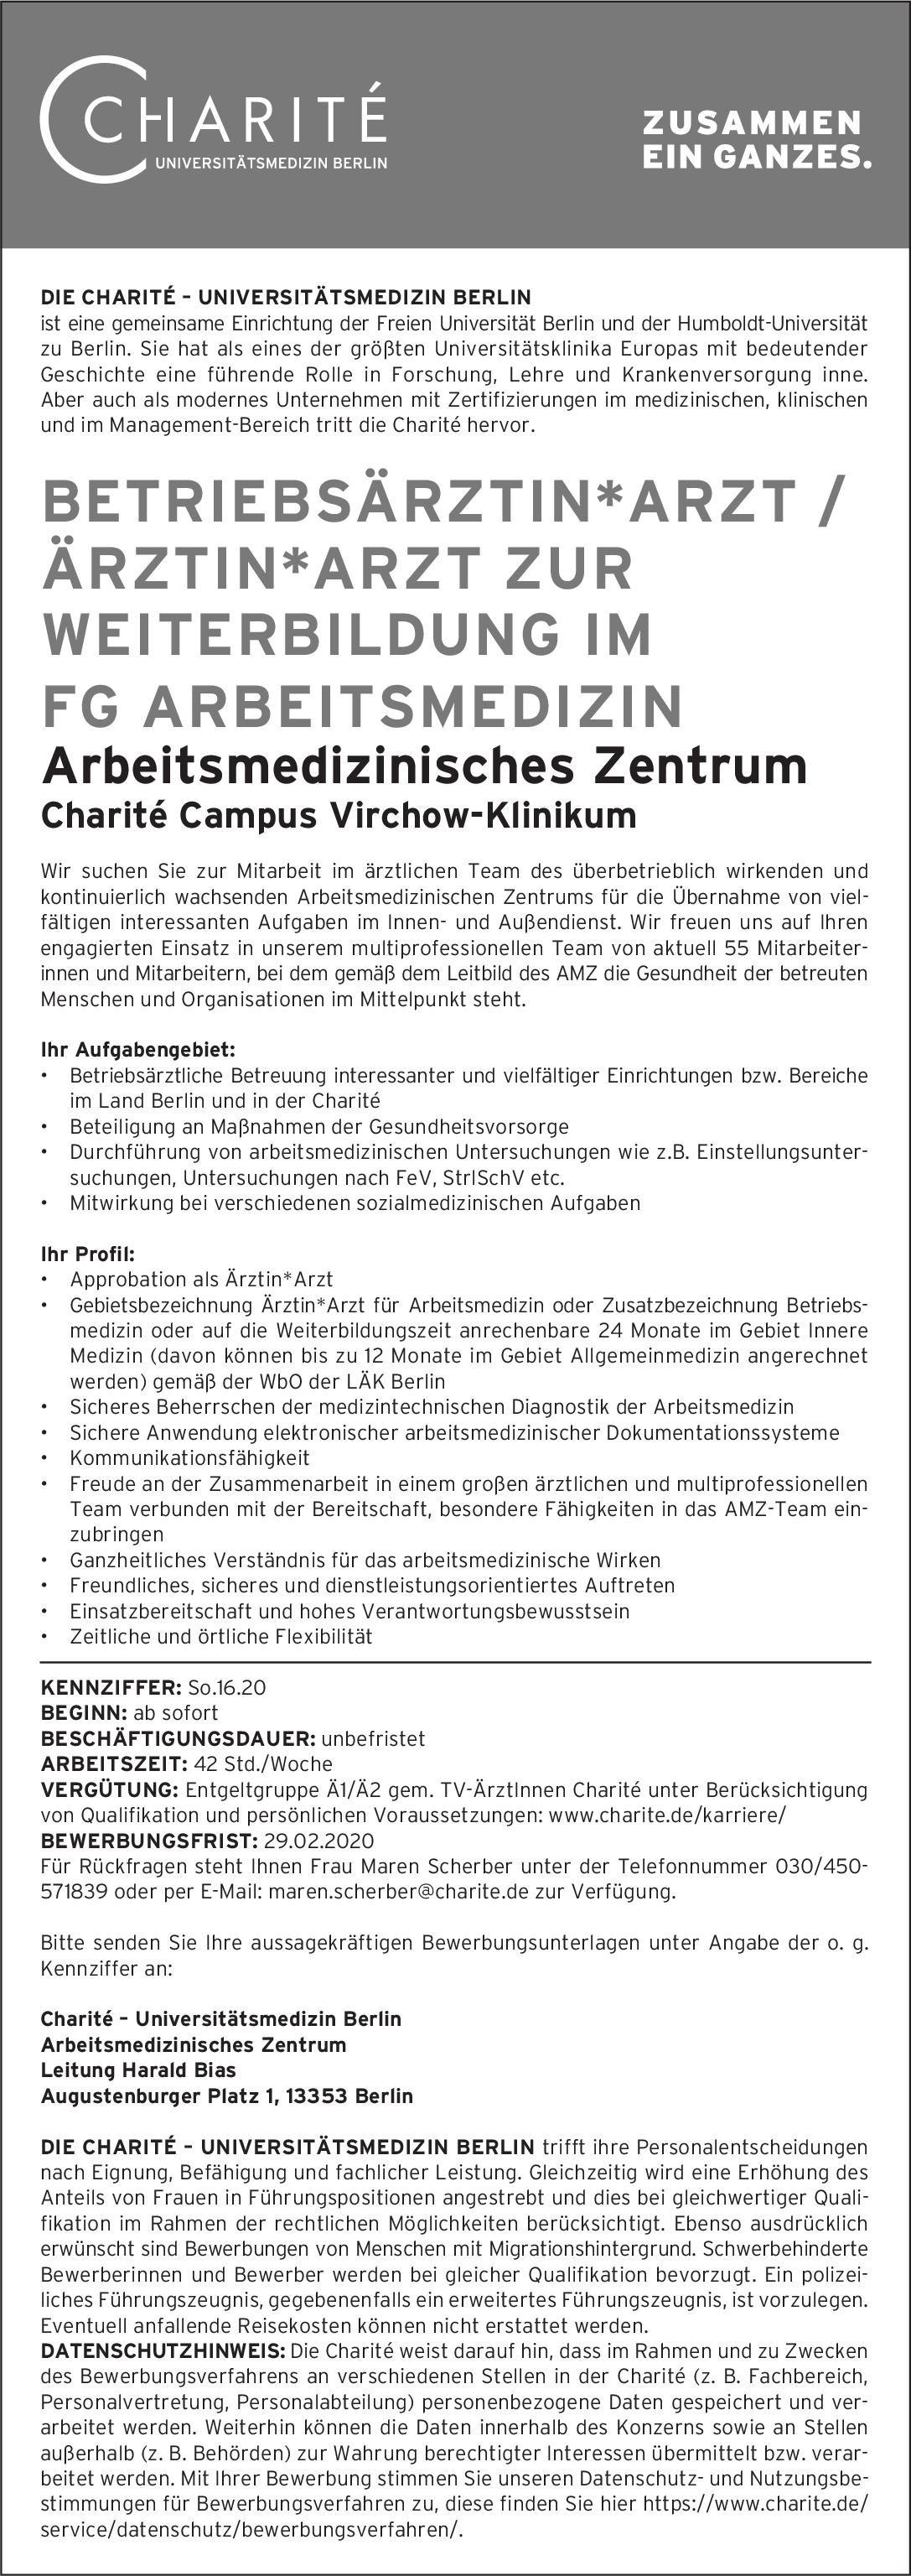 Charité – Universitätsmedizin Berlin Betriebsärztin/arzt / Arzt/Ärztin zur Weiterbildung im FG Arbeitsmedizin Arbeitsmedizin Arzt / Facharzt, Assistenzarzt / Arzt in Weiterbildung